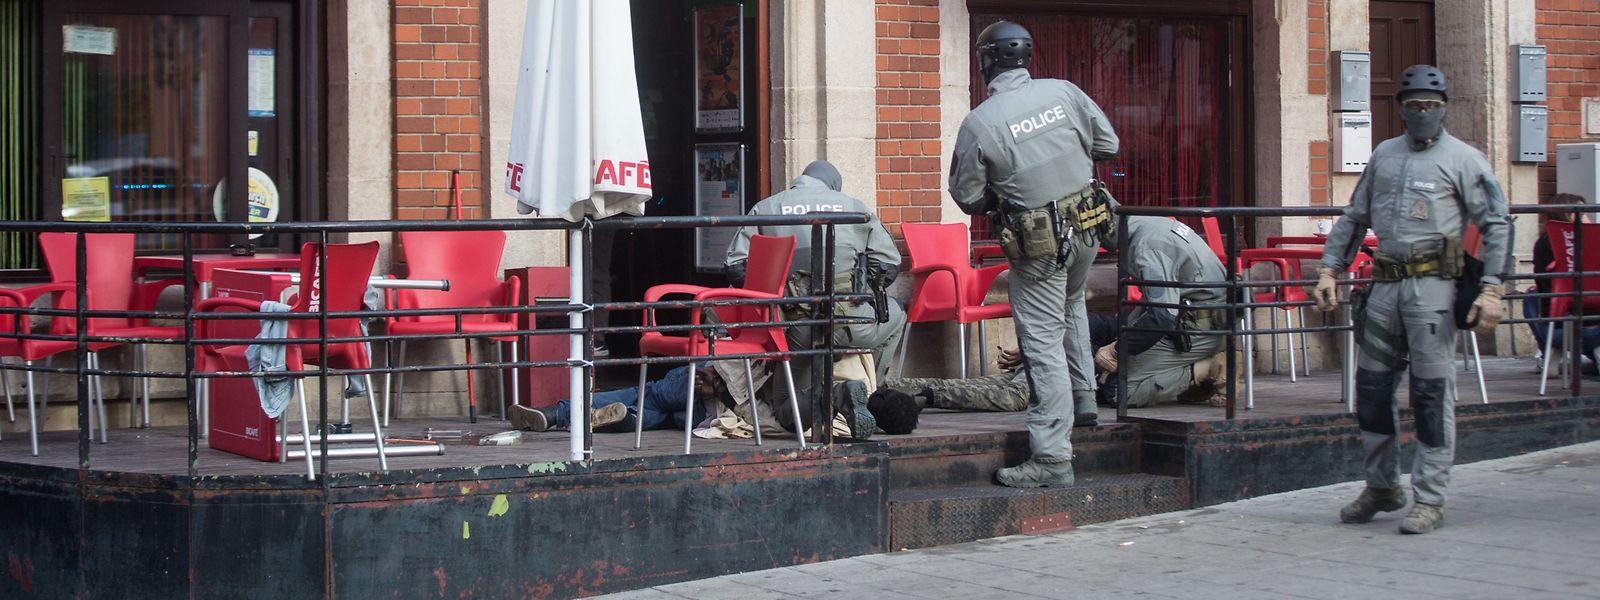 Am 16. Oktober 2018 schlugen Spezialeinheiten und Drogenfahnder in der Rue de la Gare in Esch/Alzette zu.